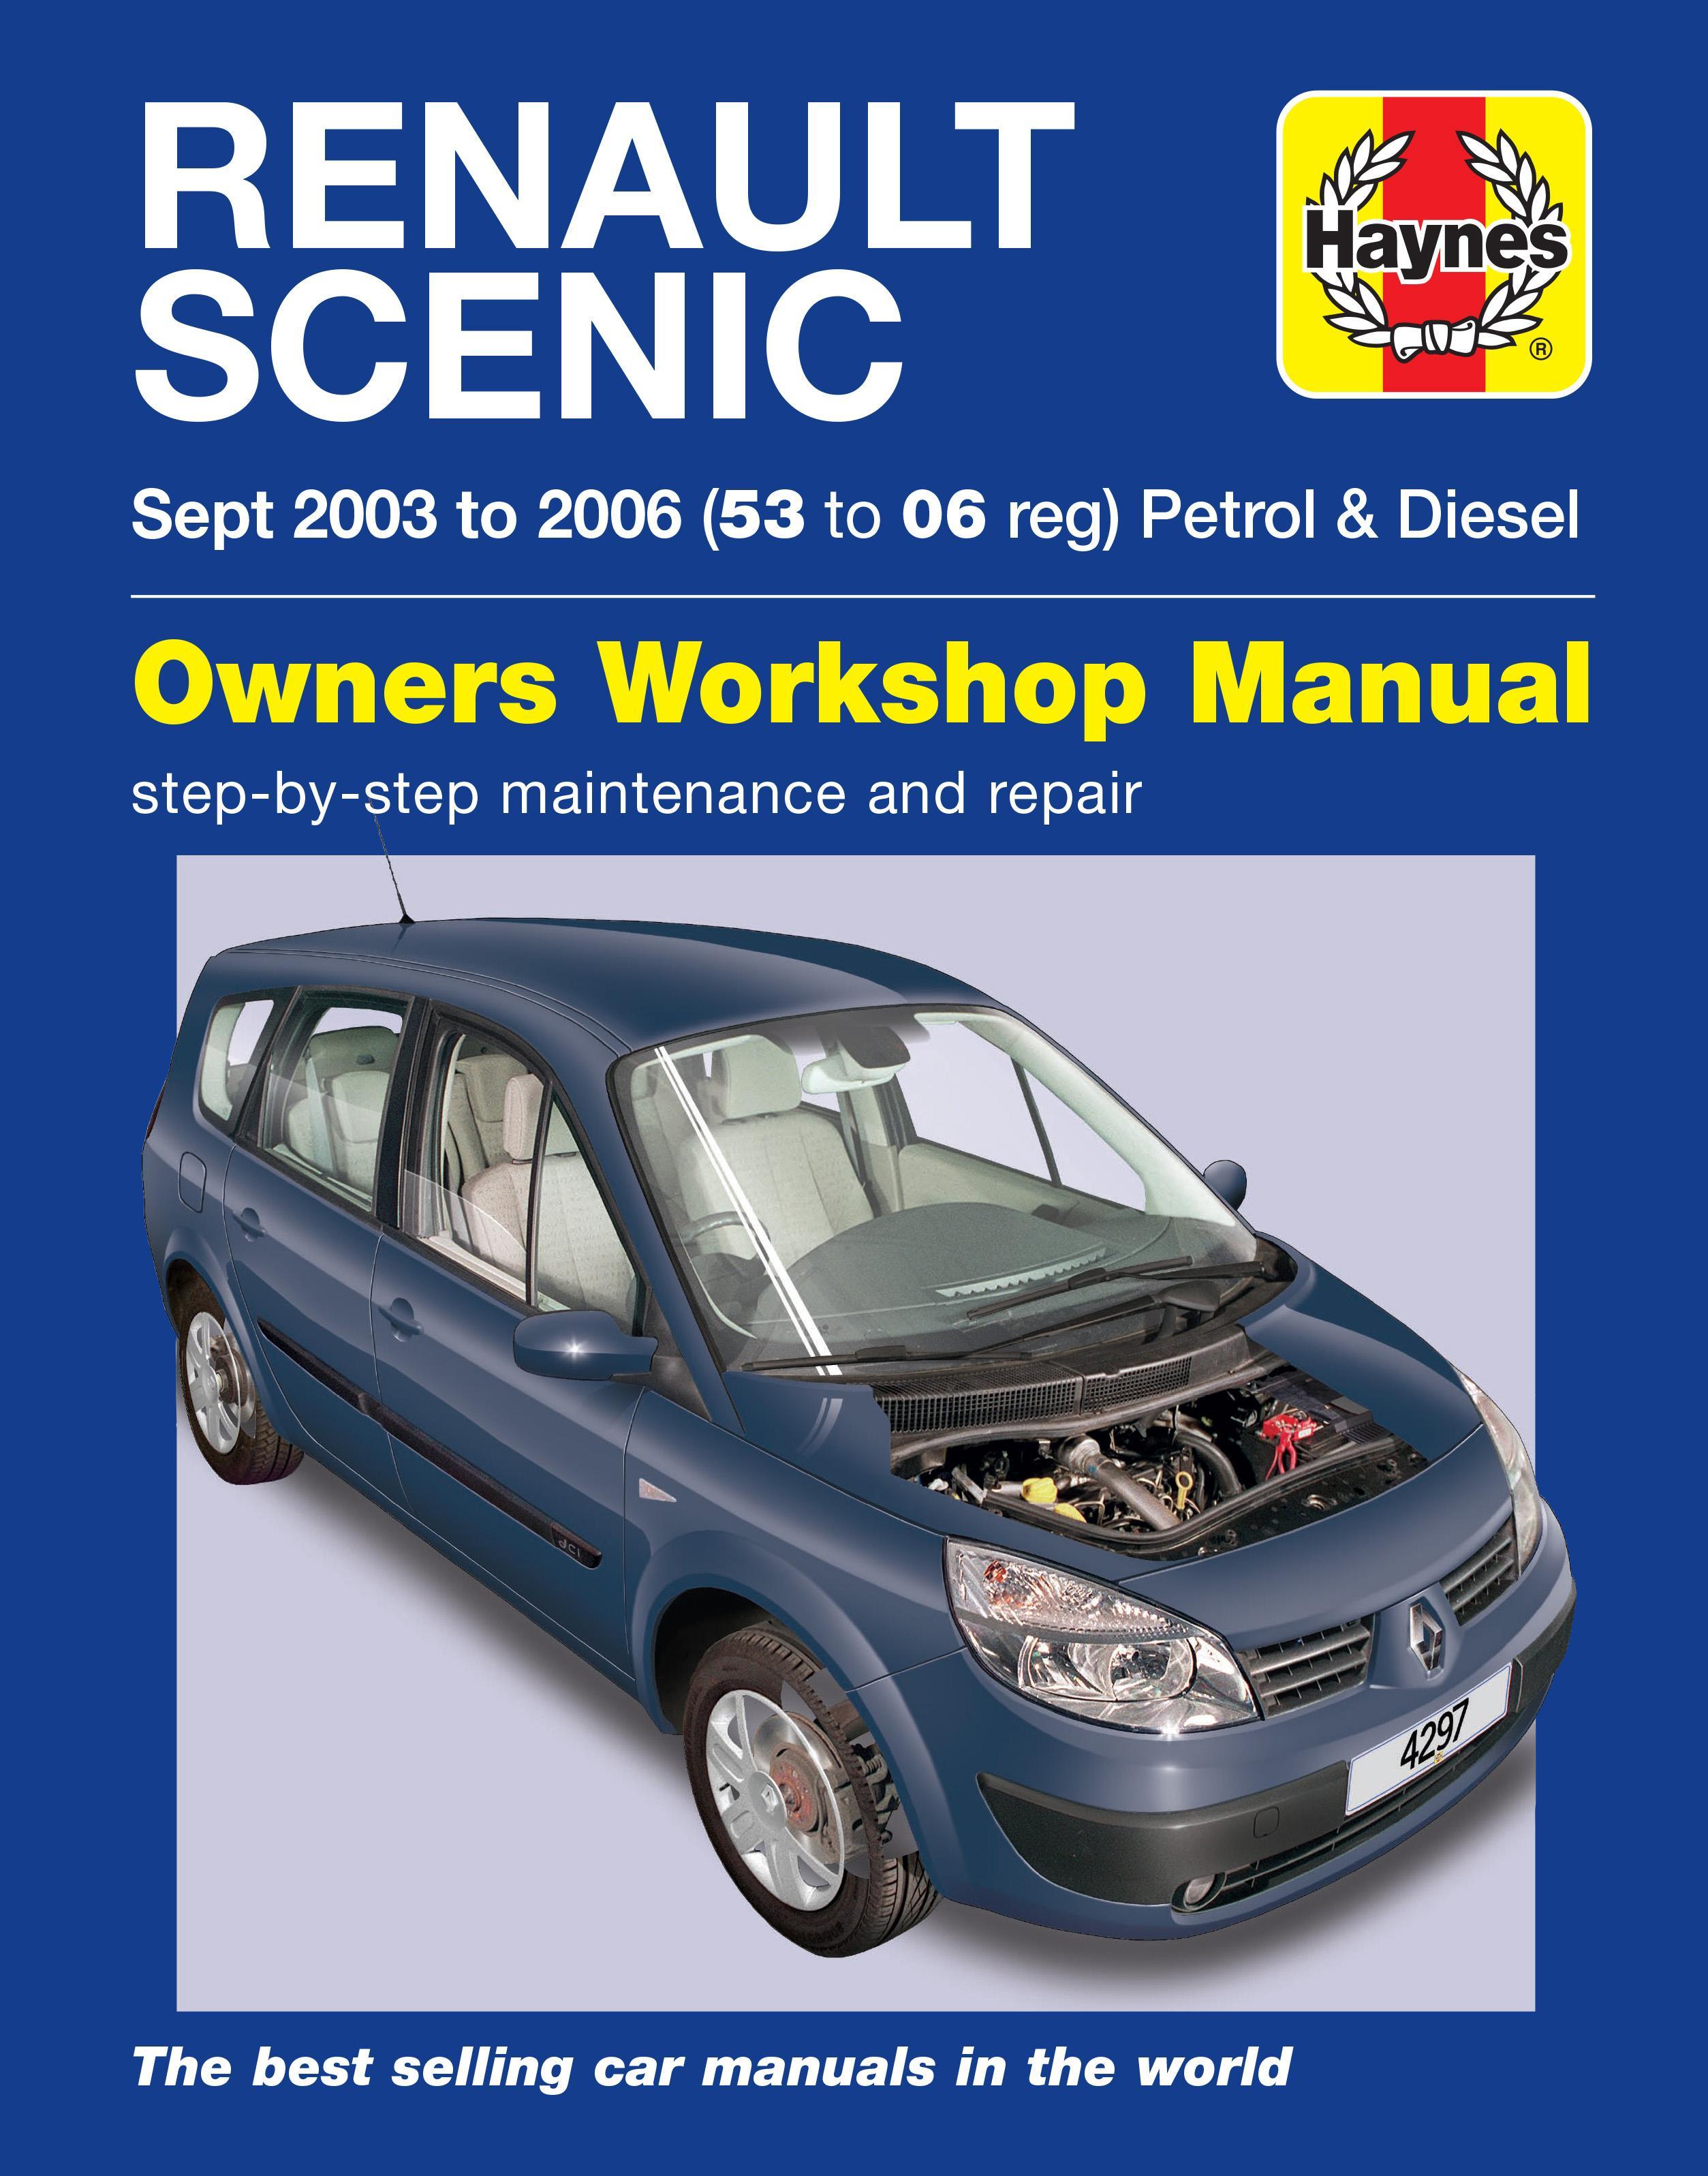 Renault laguna 1997 service manual array renault scenic 2002 user manual car owners manual u2022 rh karenhanover co fandeluxe Gallery